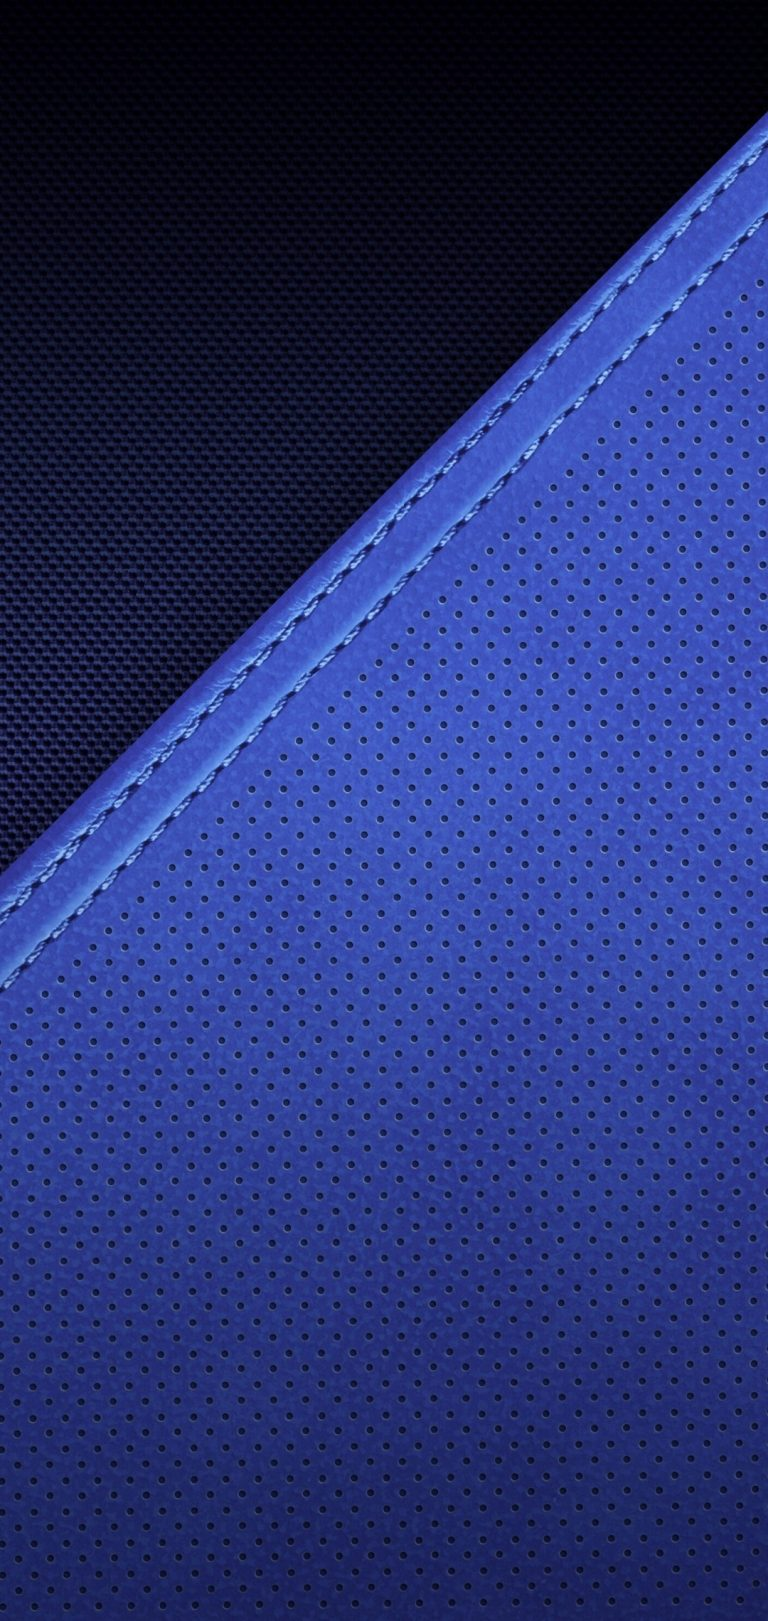 1080x2280 Wallpaper 139 768x1621